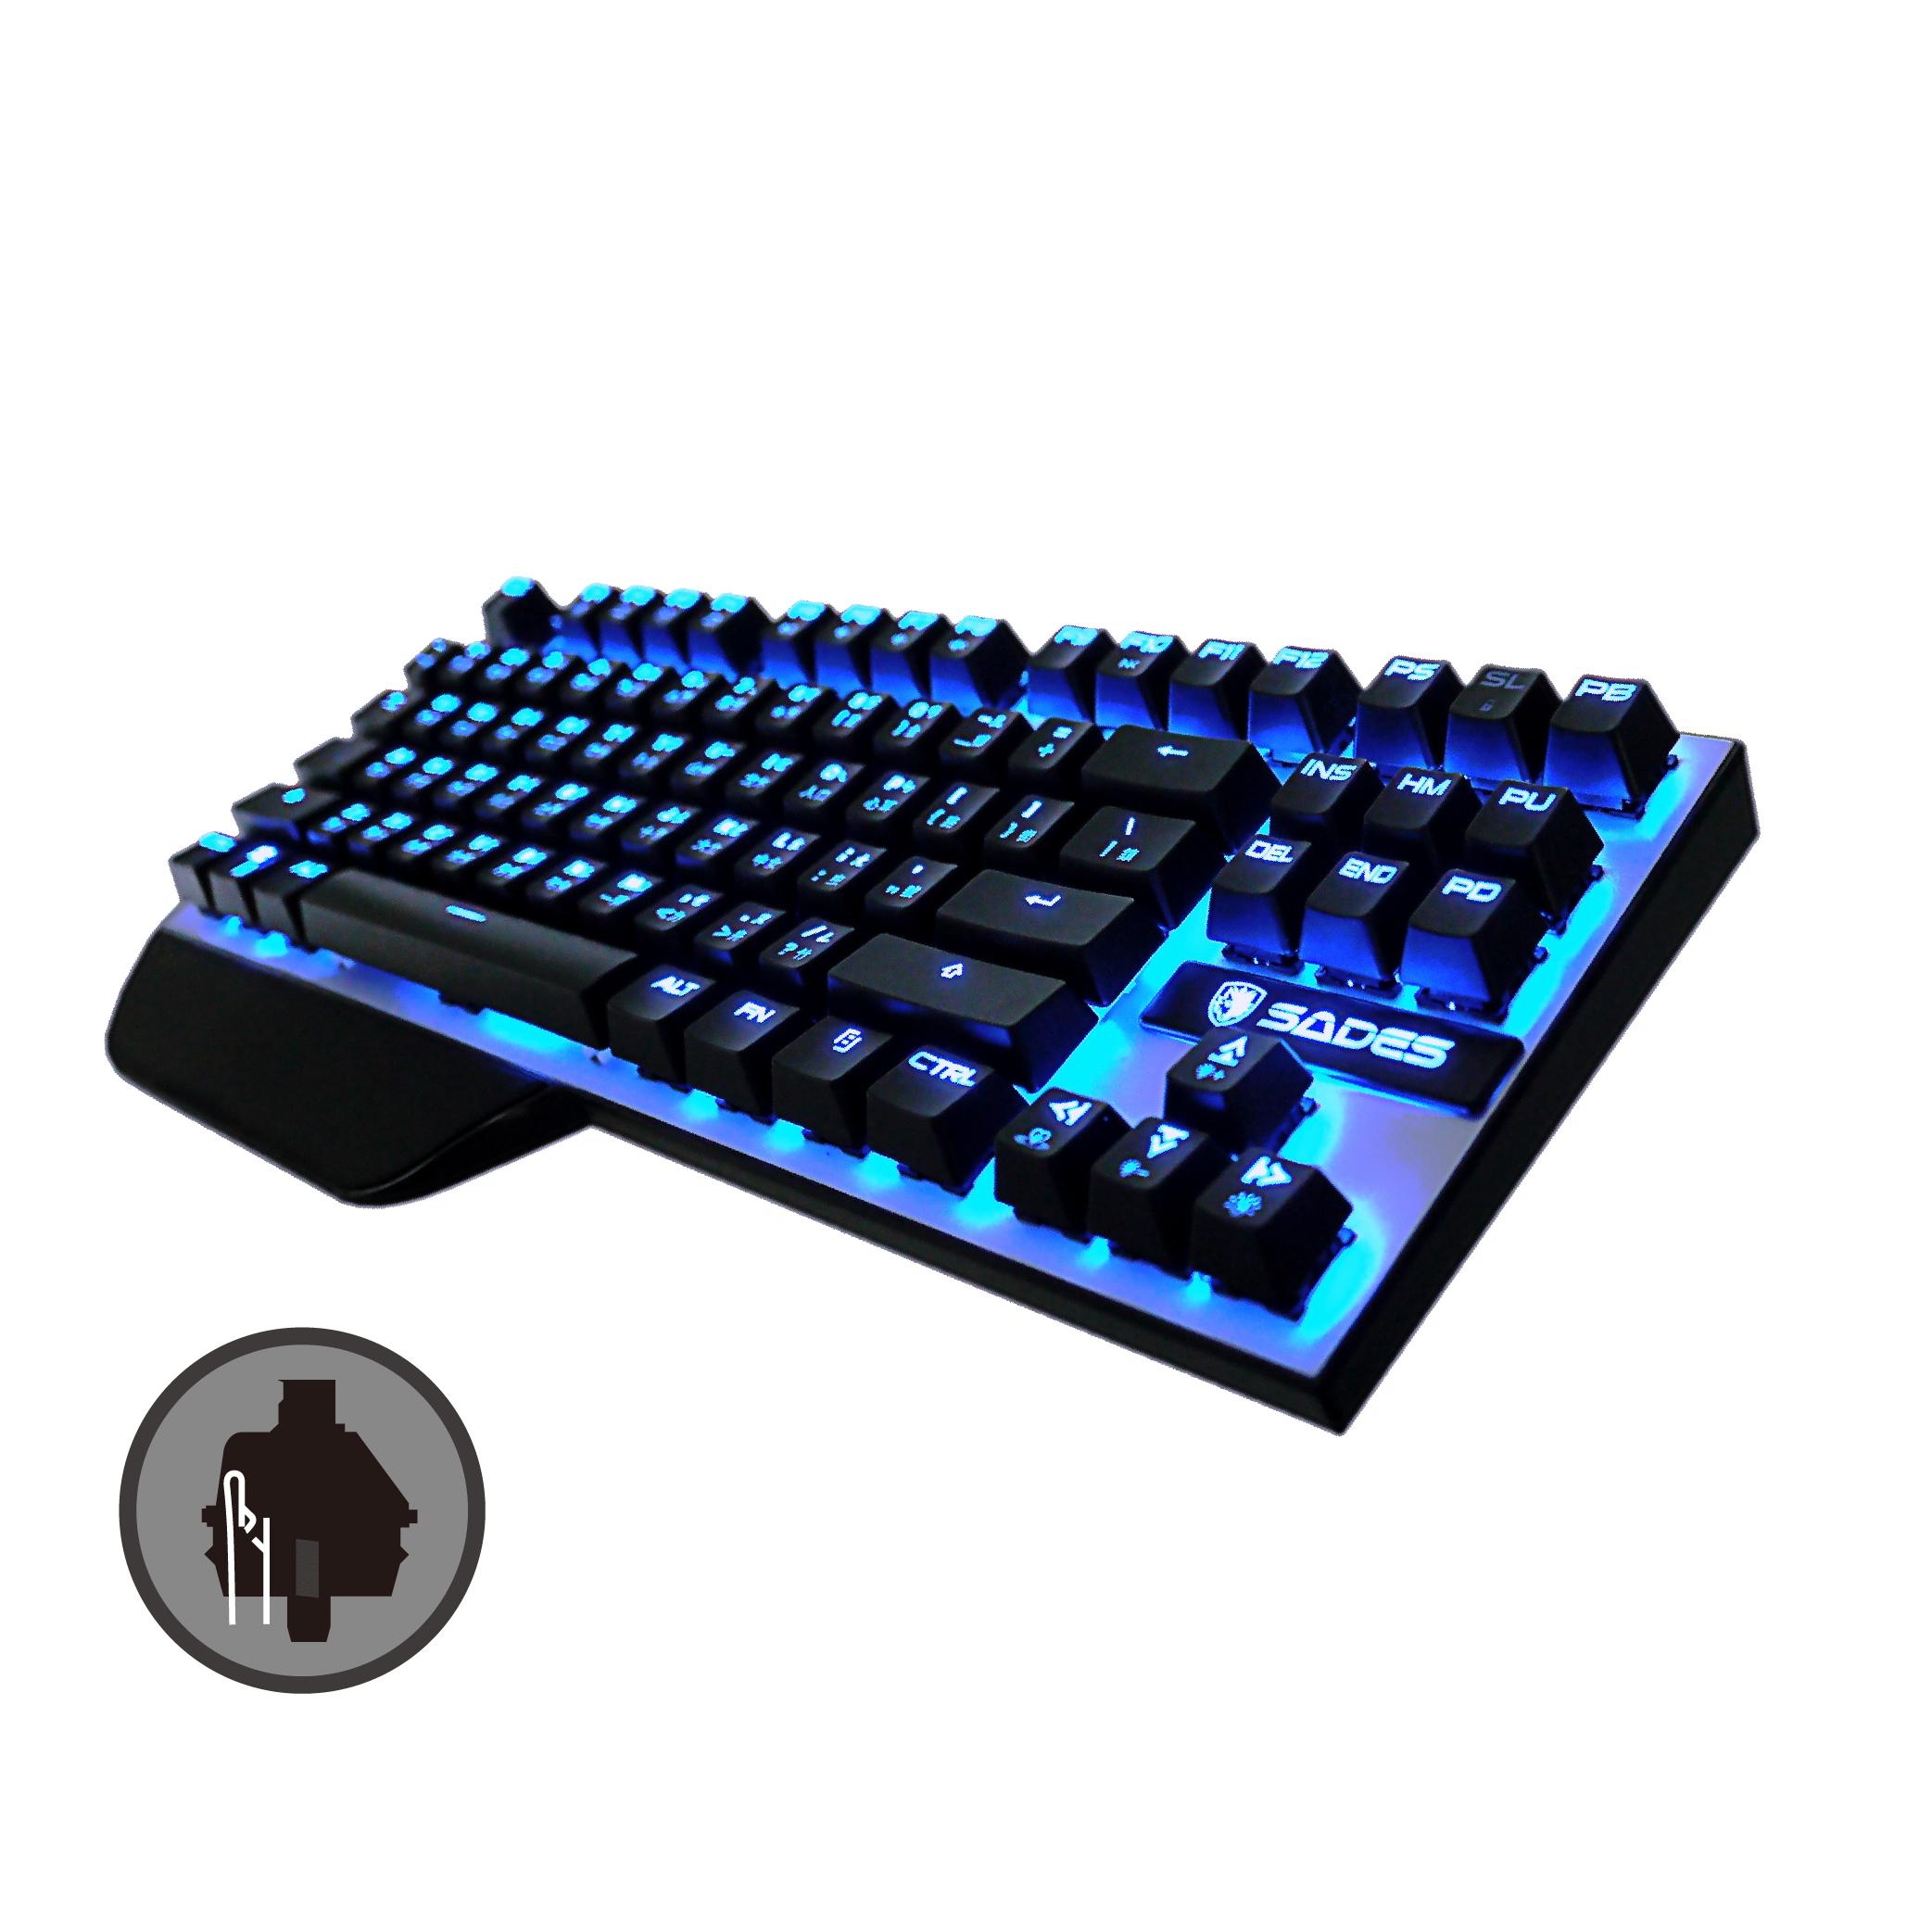 【迪特軍3C】立光代理 SADES 賽德斯 Karambit 狼爪刀 機械式鍵盤 黑軸 繁體中文